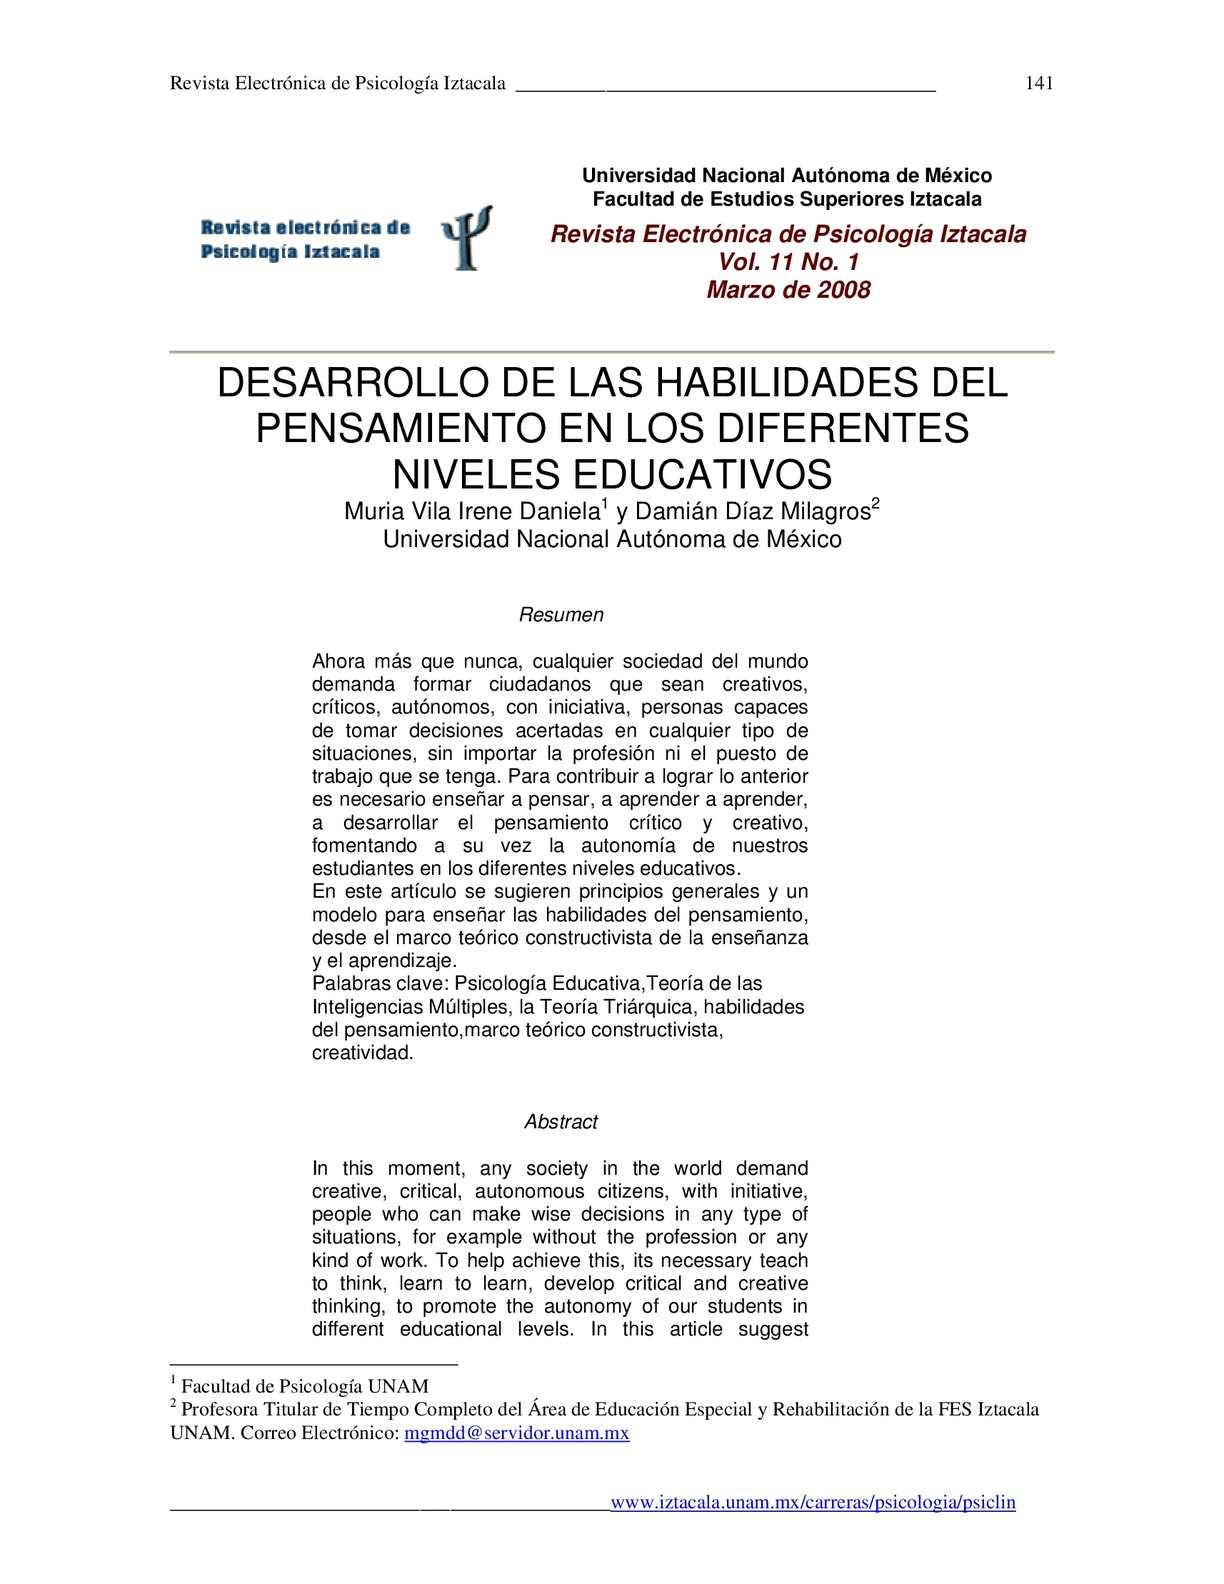 Encantador Lista Resumida De Habilidades Colección de Imágenes ...